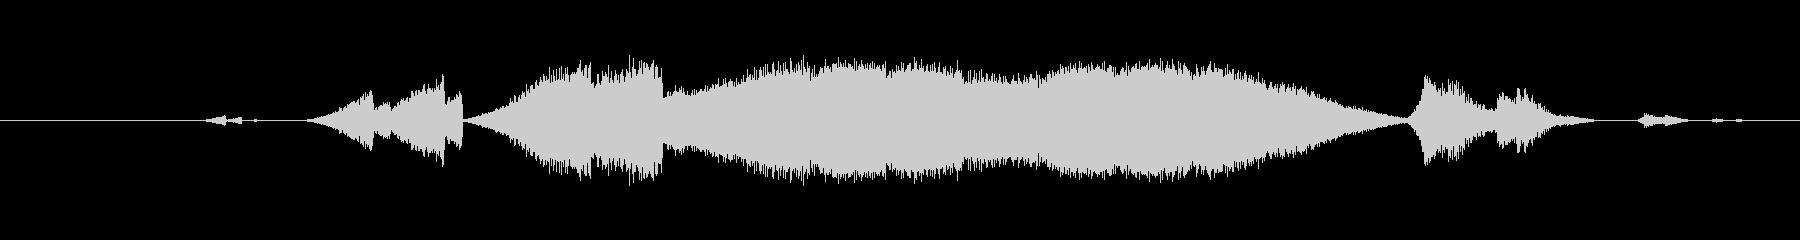 特撮 うねり確認03の未再生の波形